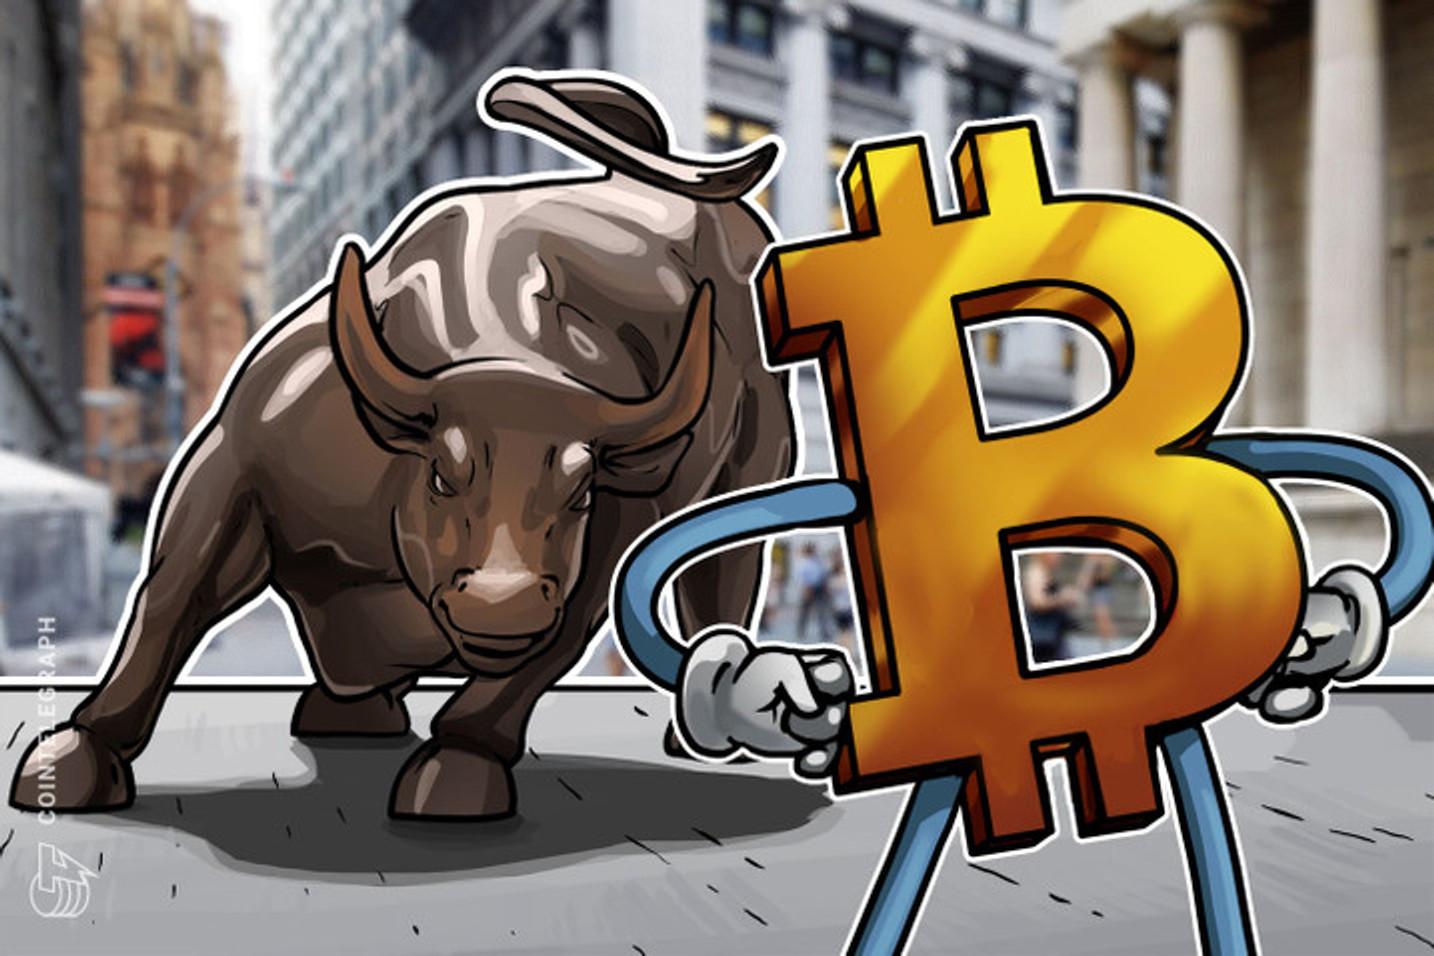 Analistas repercutem 'pump incrível do Bitcoin' e dizem estar otimistas para continuação do movimento de alta